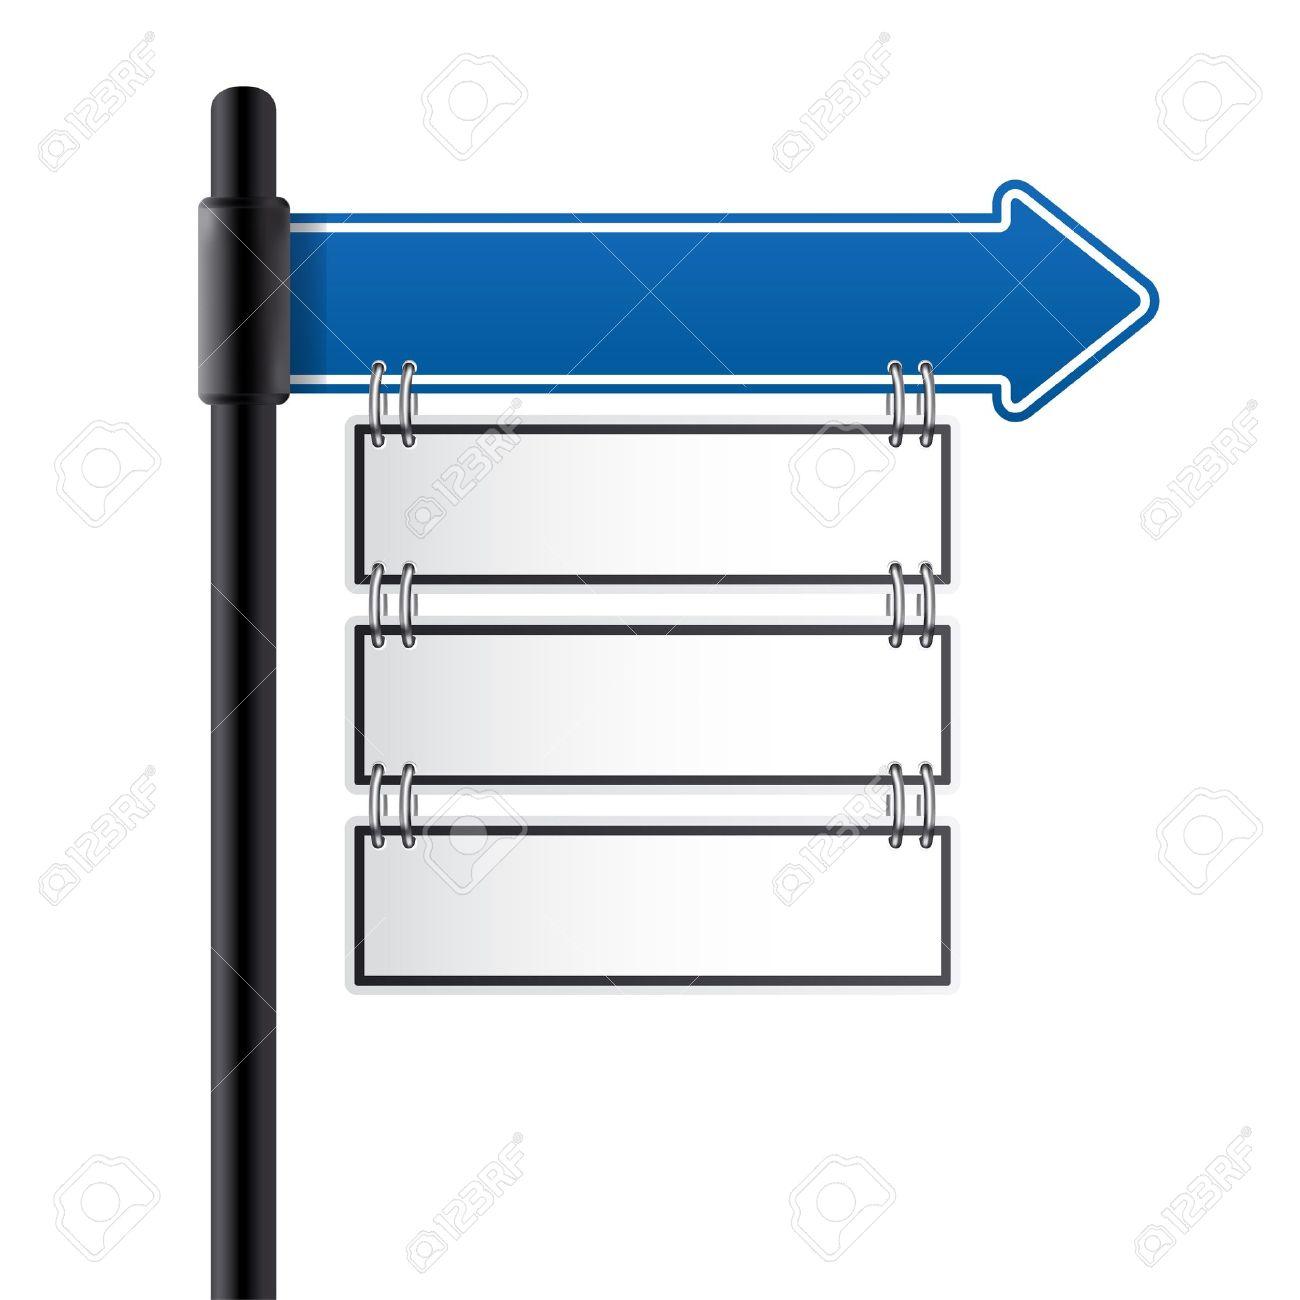 traffic sign blue color - 11842224